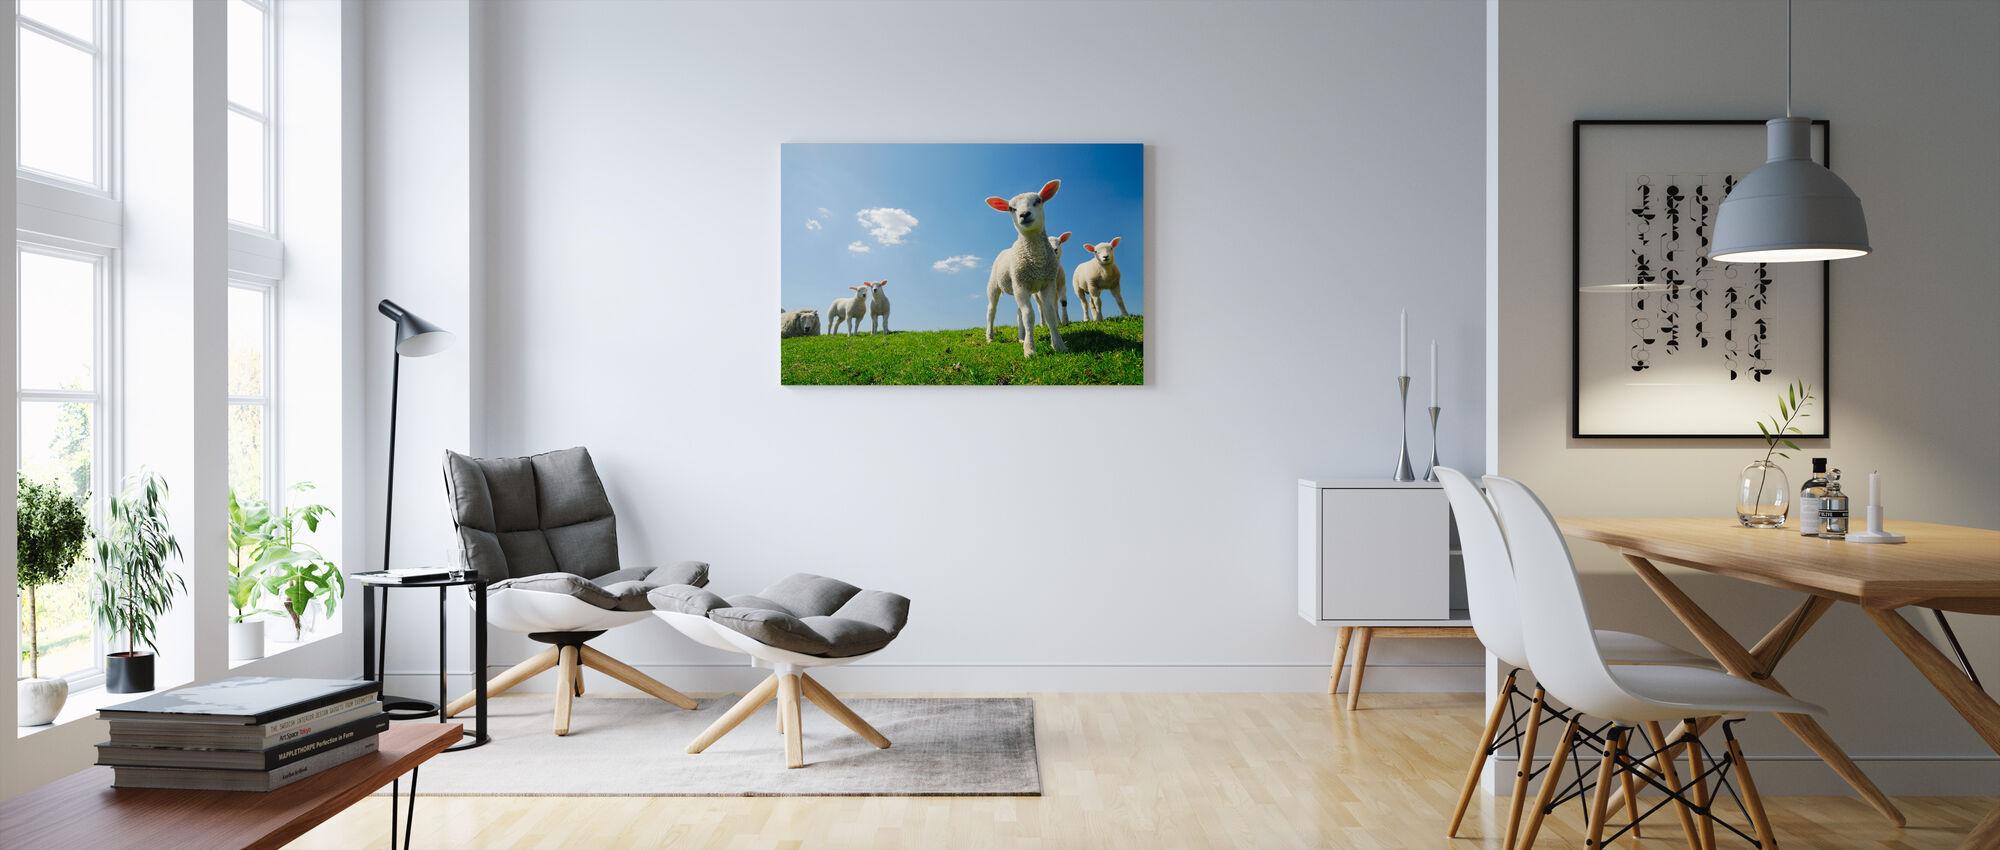 Lamb - Canvas print - Living Room